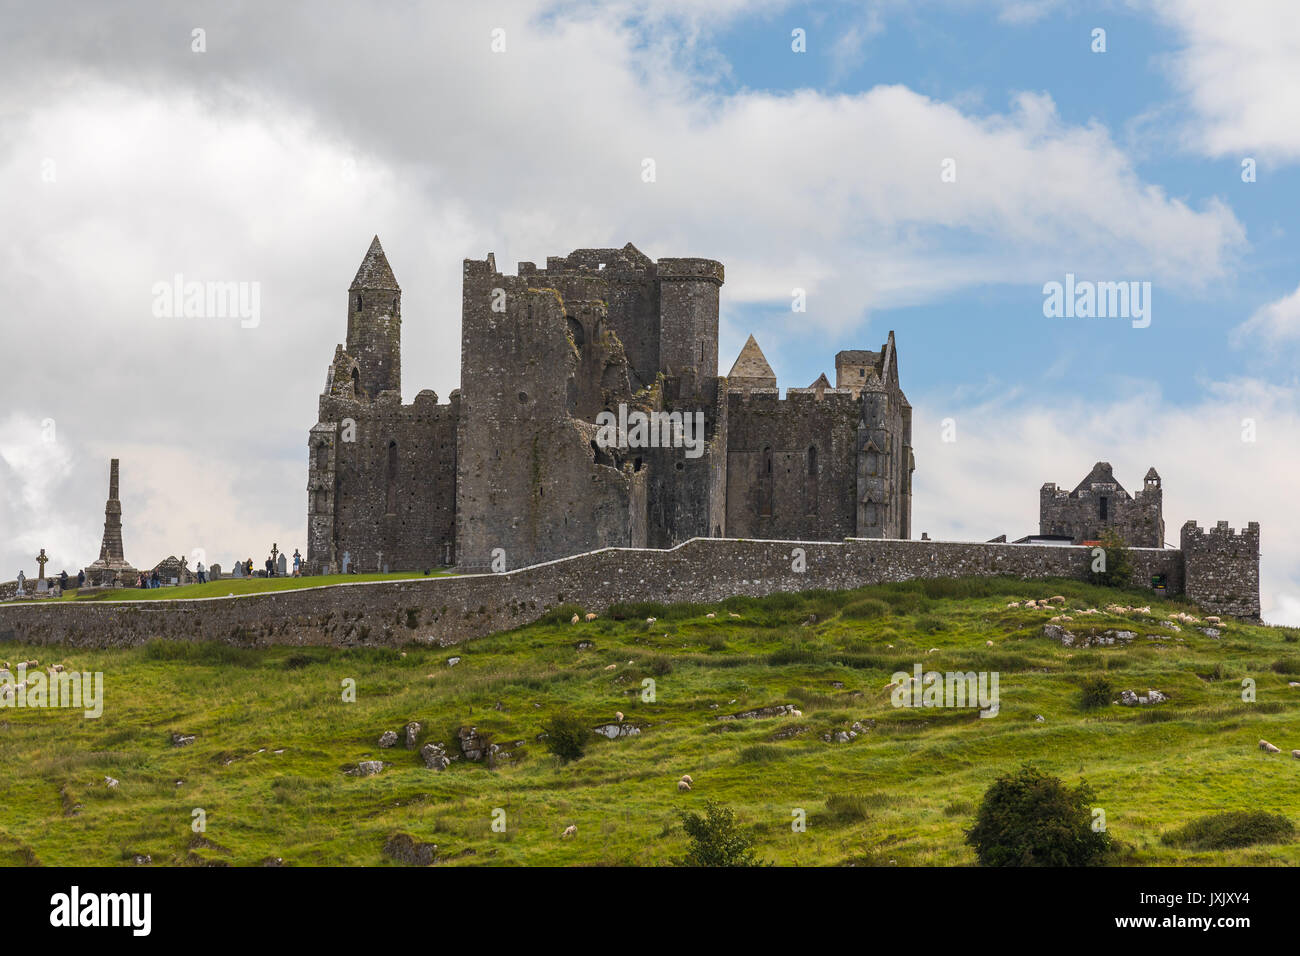 Le rocher de Cashel, également connu sous le nom de Cashel des Rois et Saint Patrick's Rock, est un site historique situé à Cashel (comté de T Photo Stock